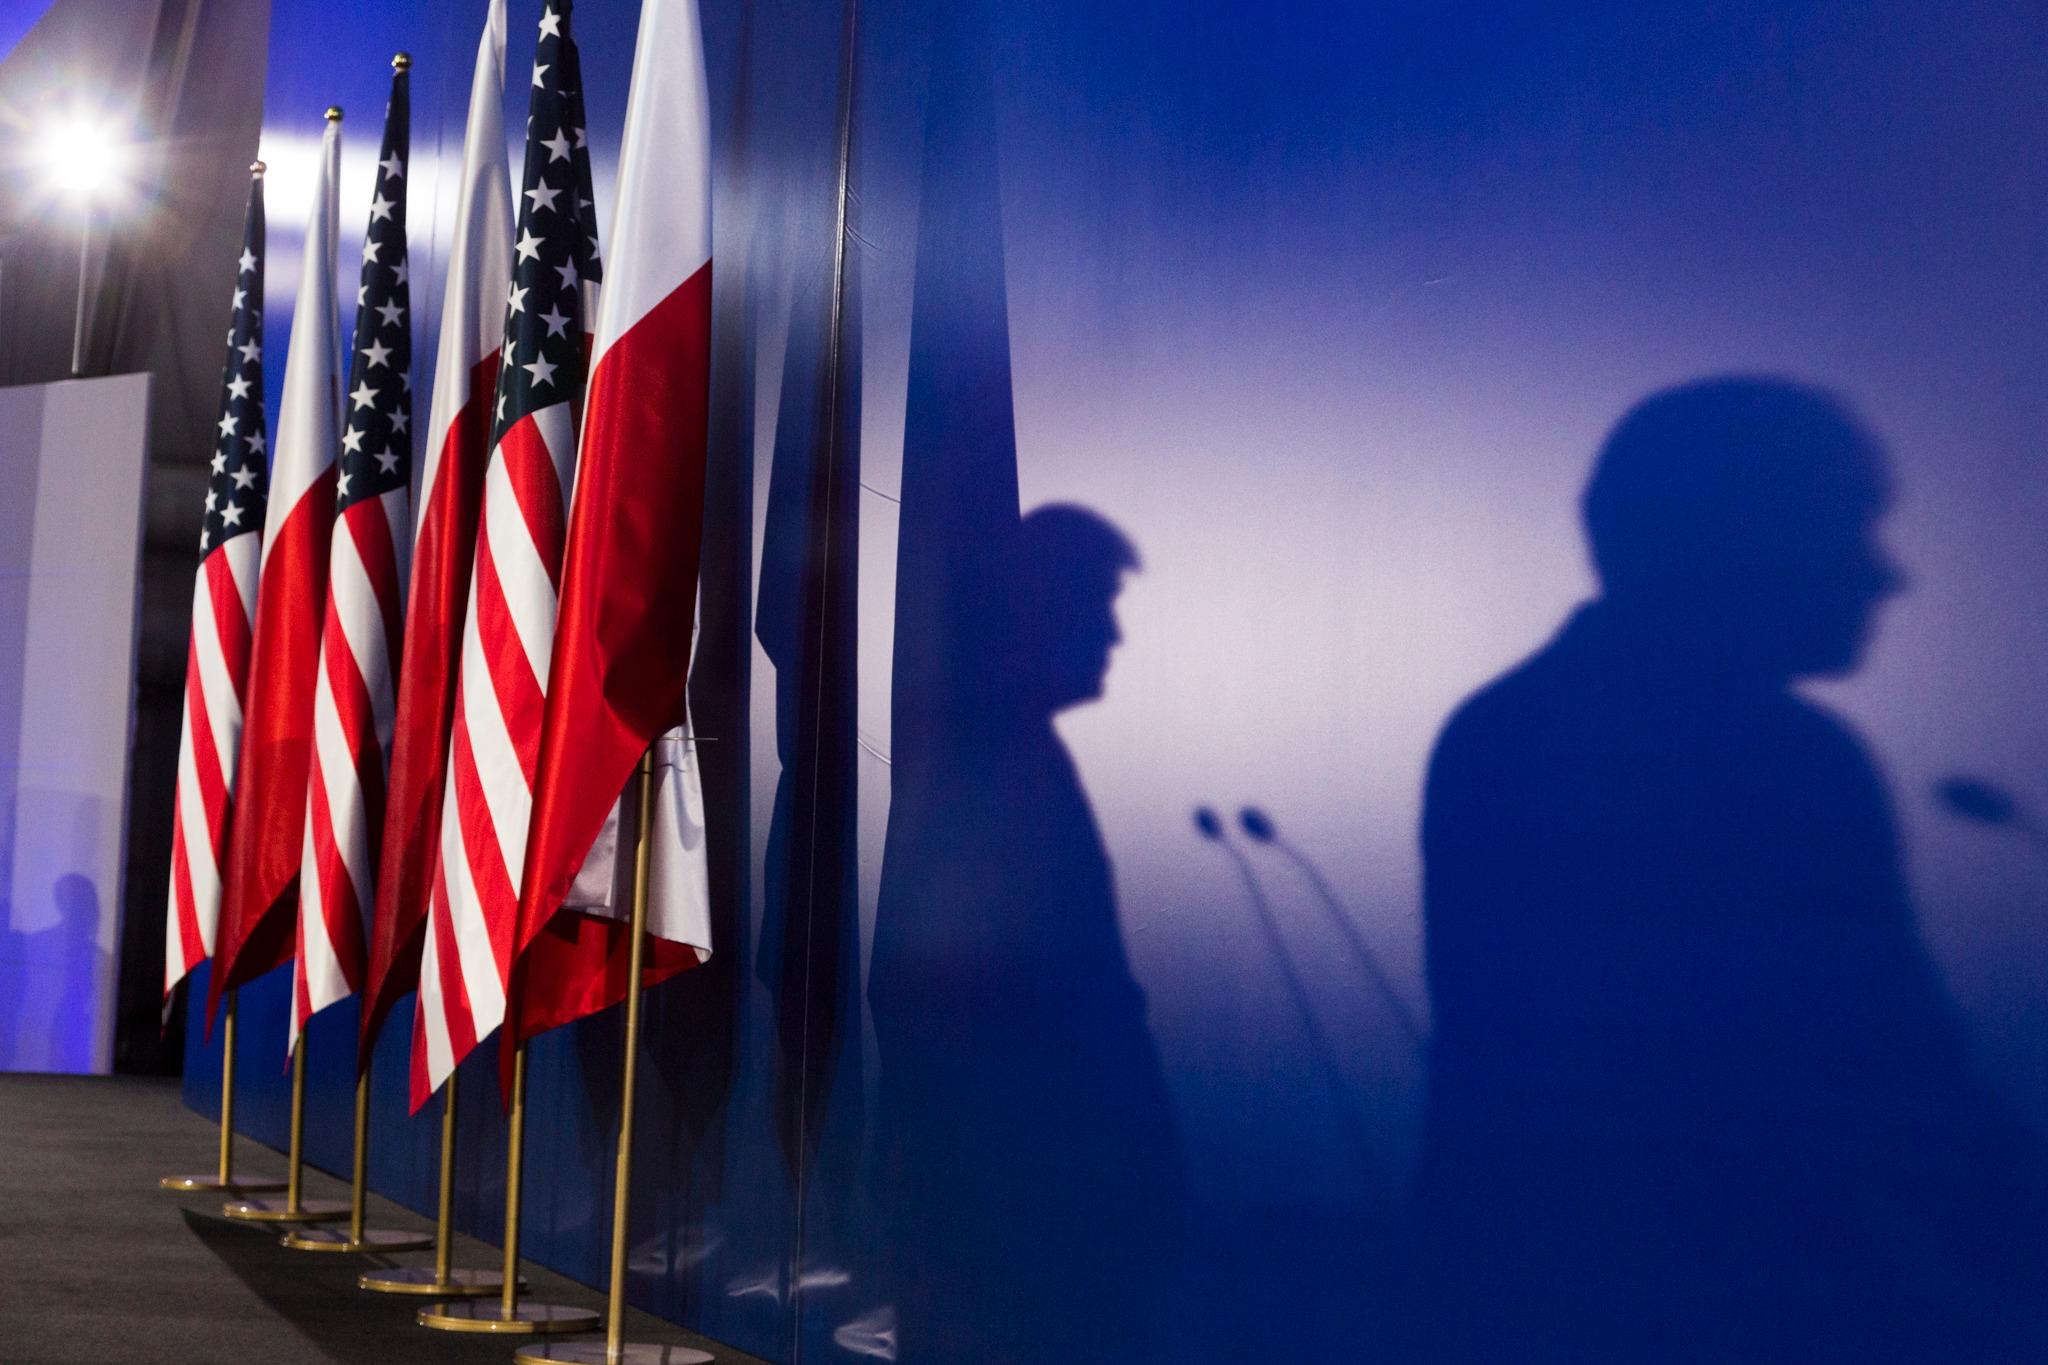 5G tematem rozmów podczas wizyty prezydenta Andrzeja Dudy w Waszyngtonie 18